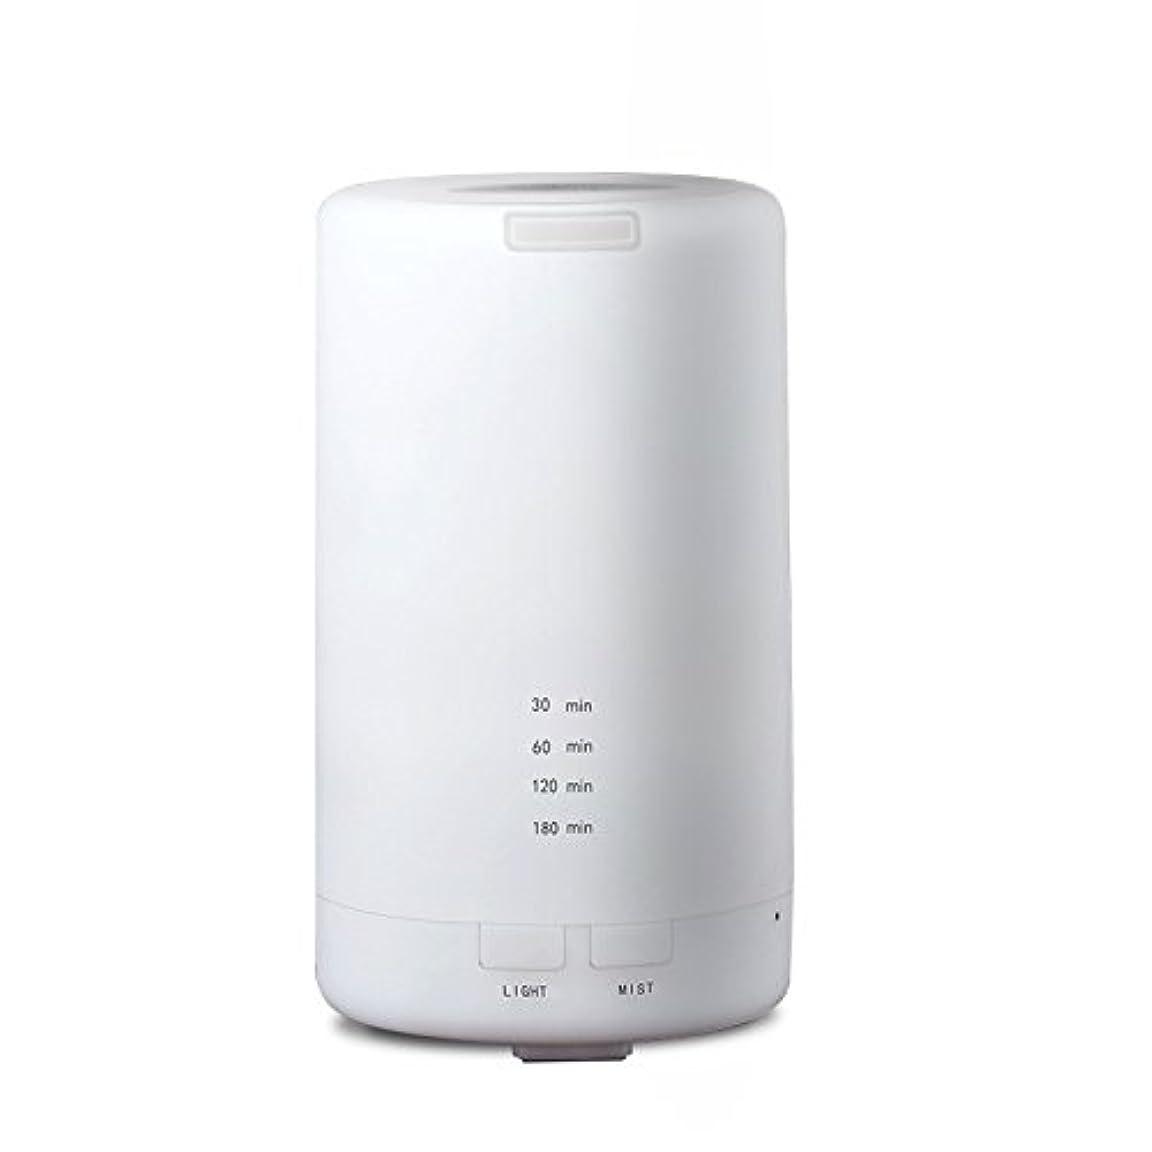 愚かフォロー眼RaiFu アロマディフューザー 70ml 加湿器 アロマテラピー浄化器 3タイマーモード LEDナイトライト USB充電